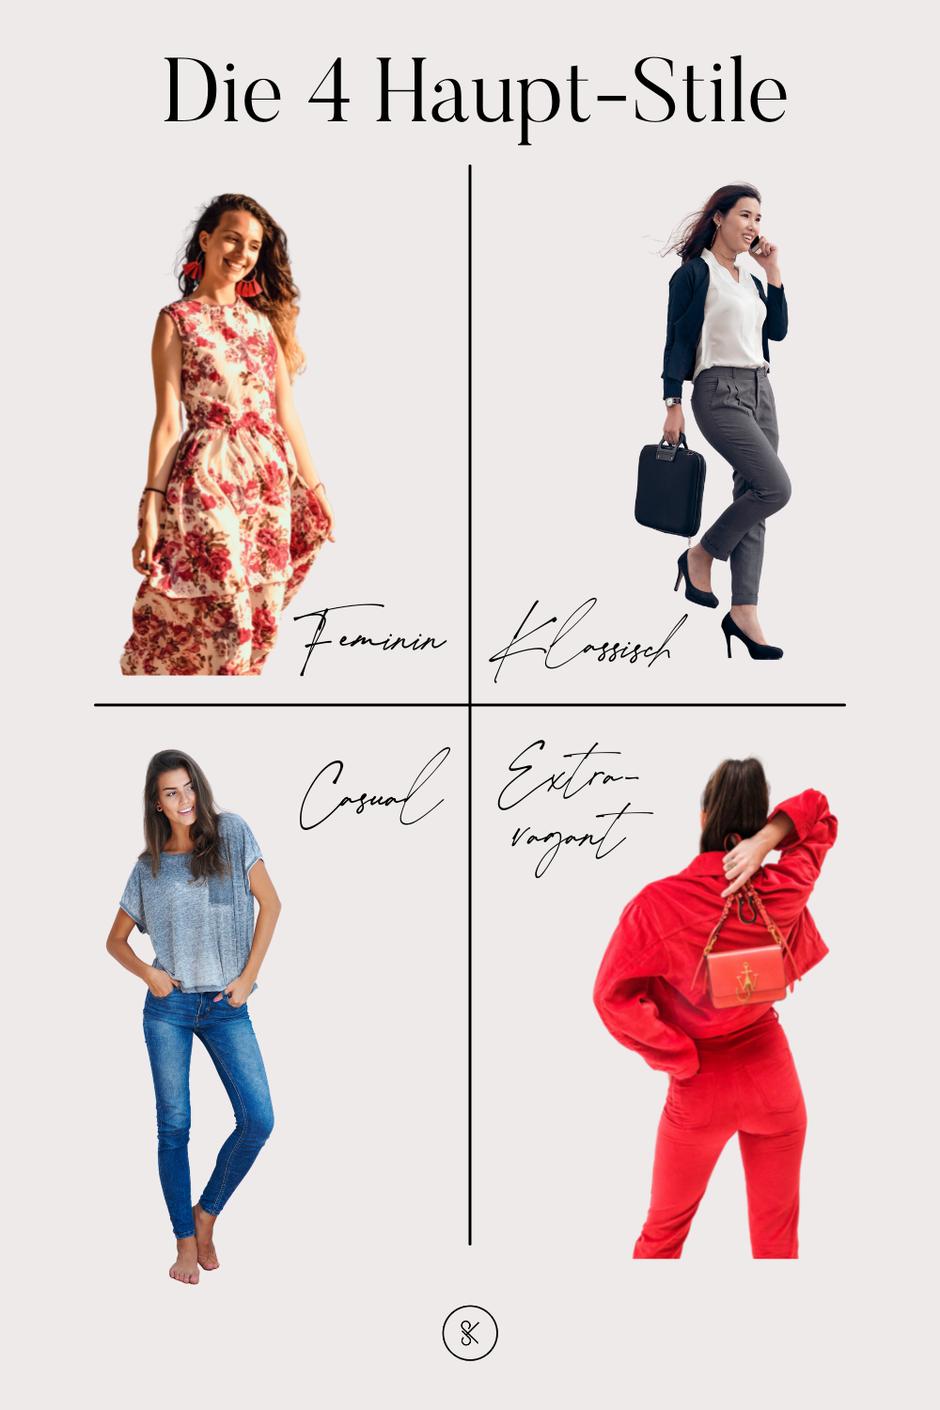 Stilberatung für Frauen. Romantischer Stiltyp, Klassisch-eleganter Stiltyp, Sportlicher Stil, Natürlicher Stil, extravaganter Stiltyp